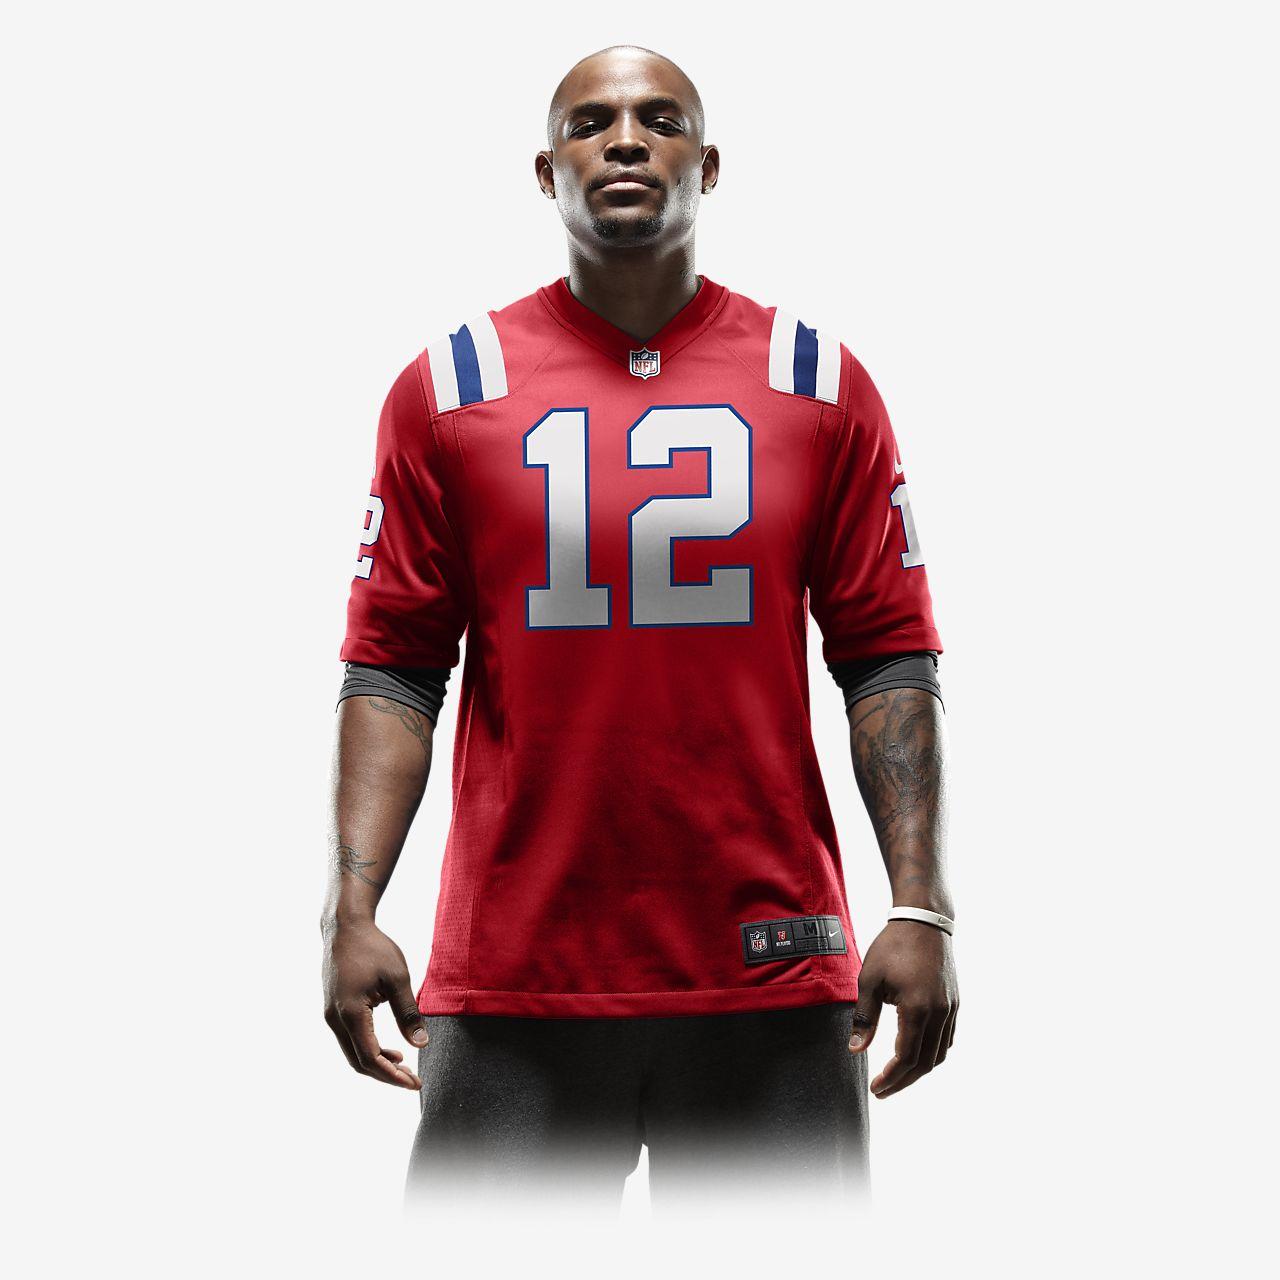 17f9a505d5100 ... Camiseta oficial de fútbol americano alternativa para hombre de NFL New  England Patriots (Tom Brady